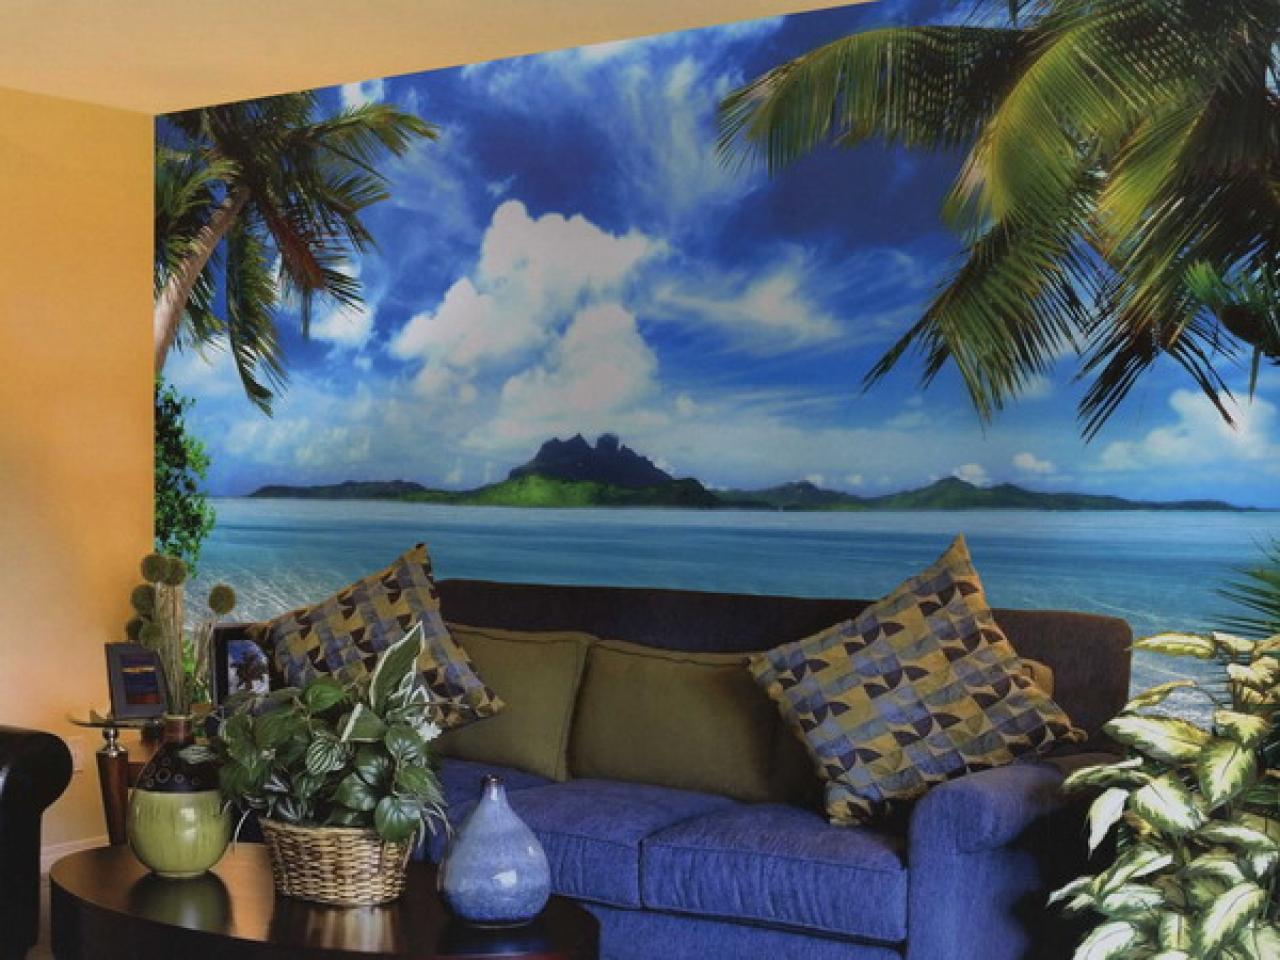 tropical wall mural 1280x960